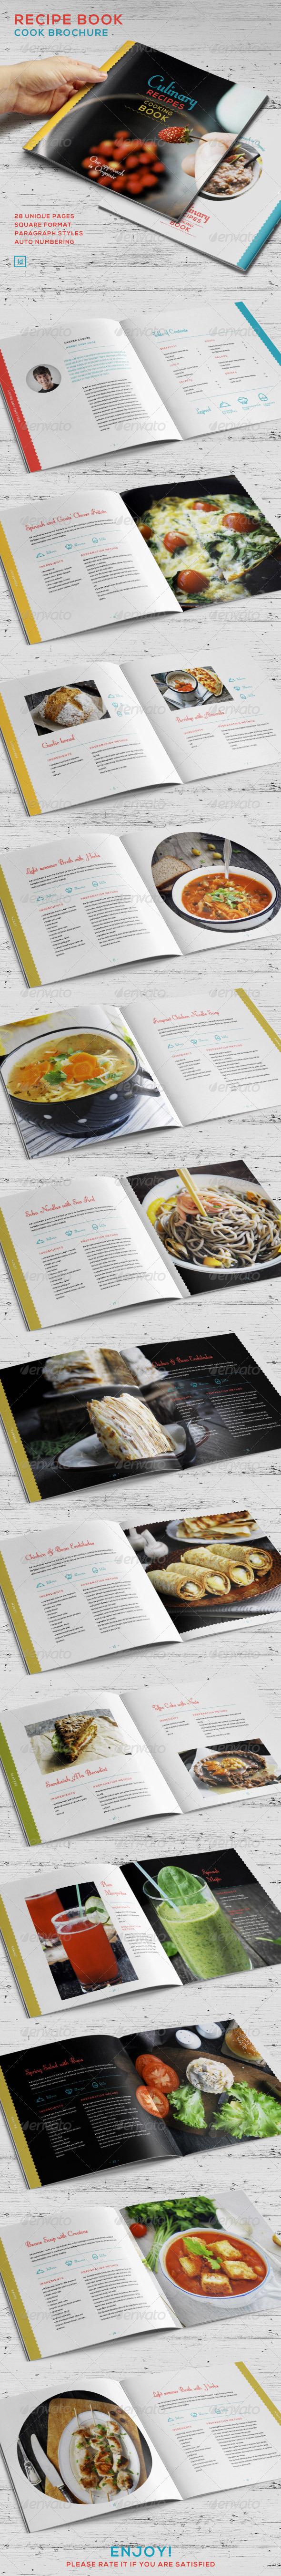 GraphicRiver Recipe Book Cook Brochure 7403652